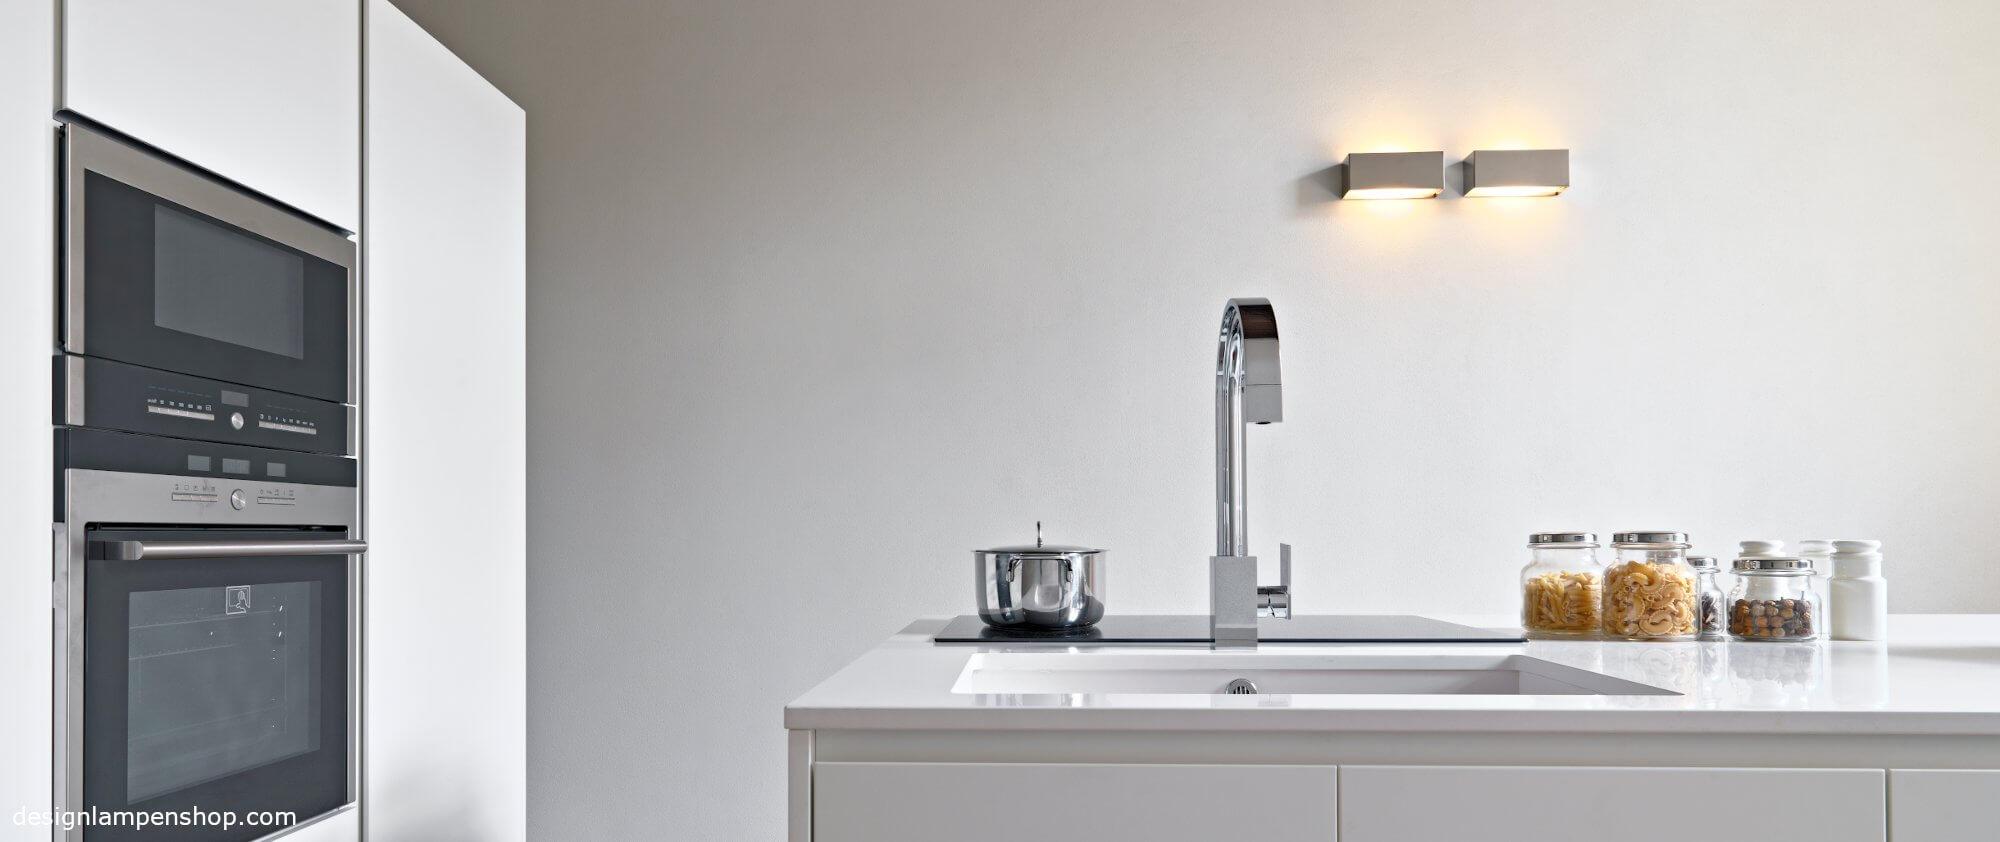 Wandlampe in der Küche